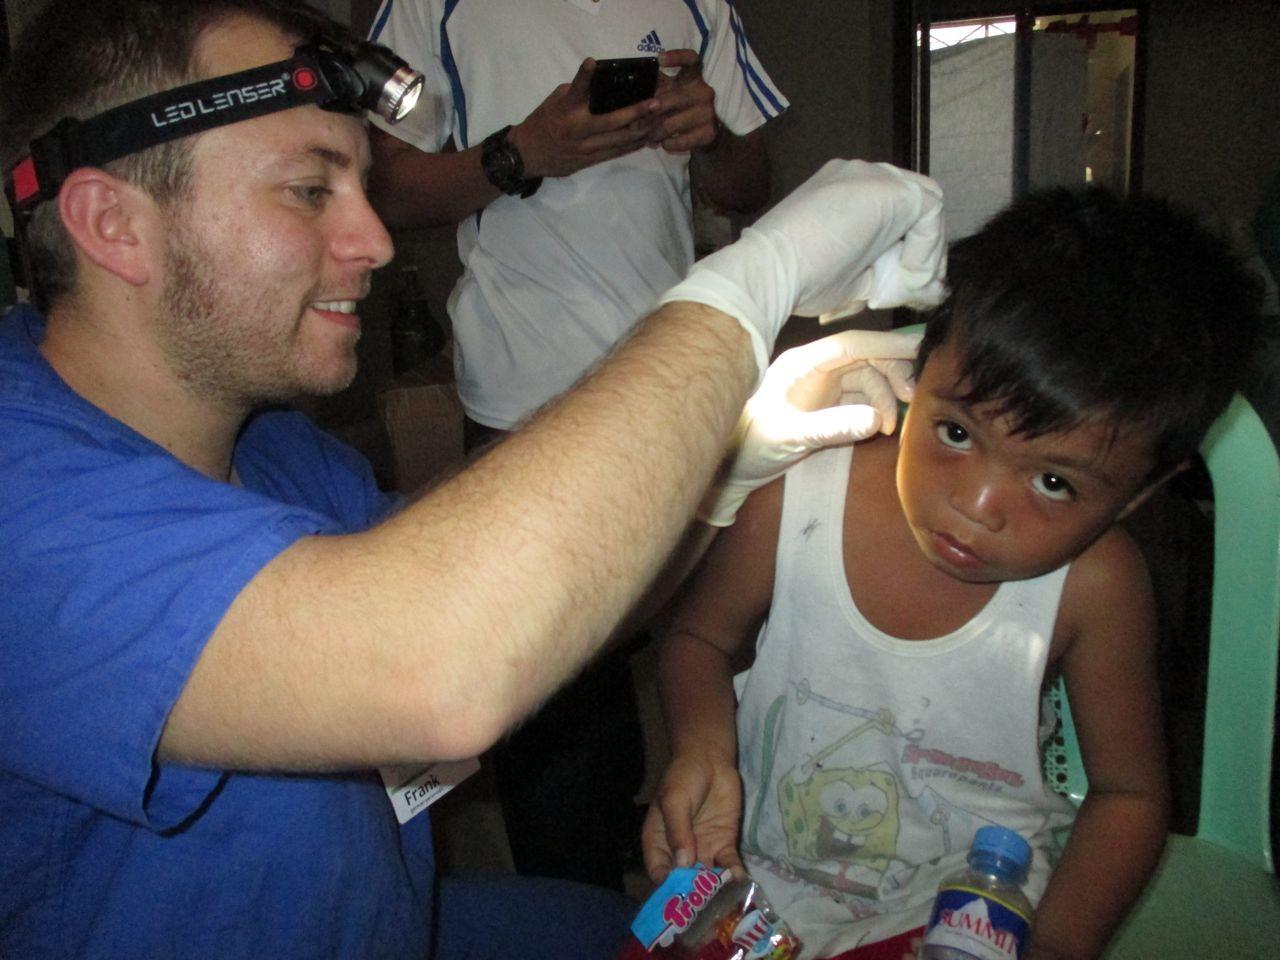 Rettungsassistent Frank Schöndorf untersucht einen kleinen Patienten